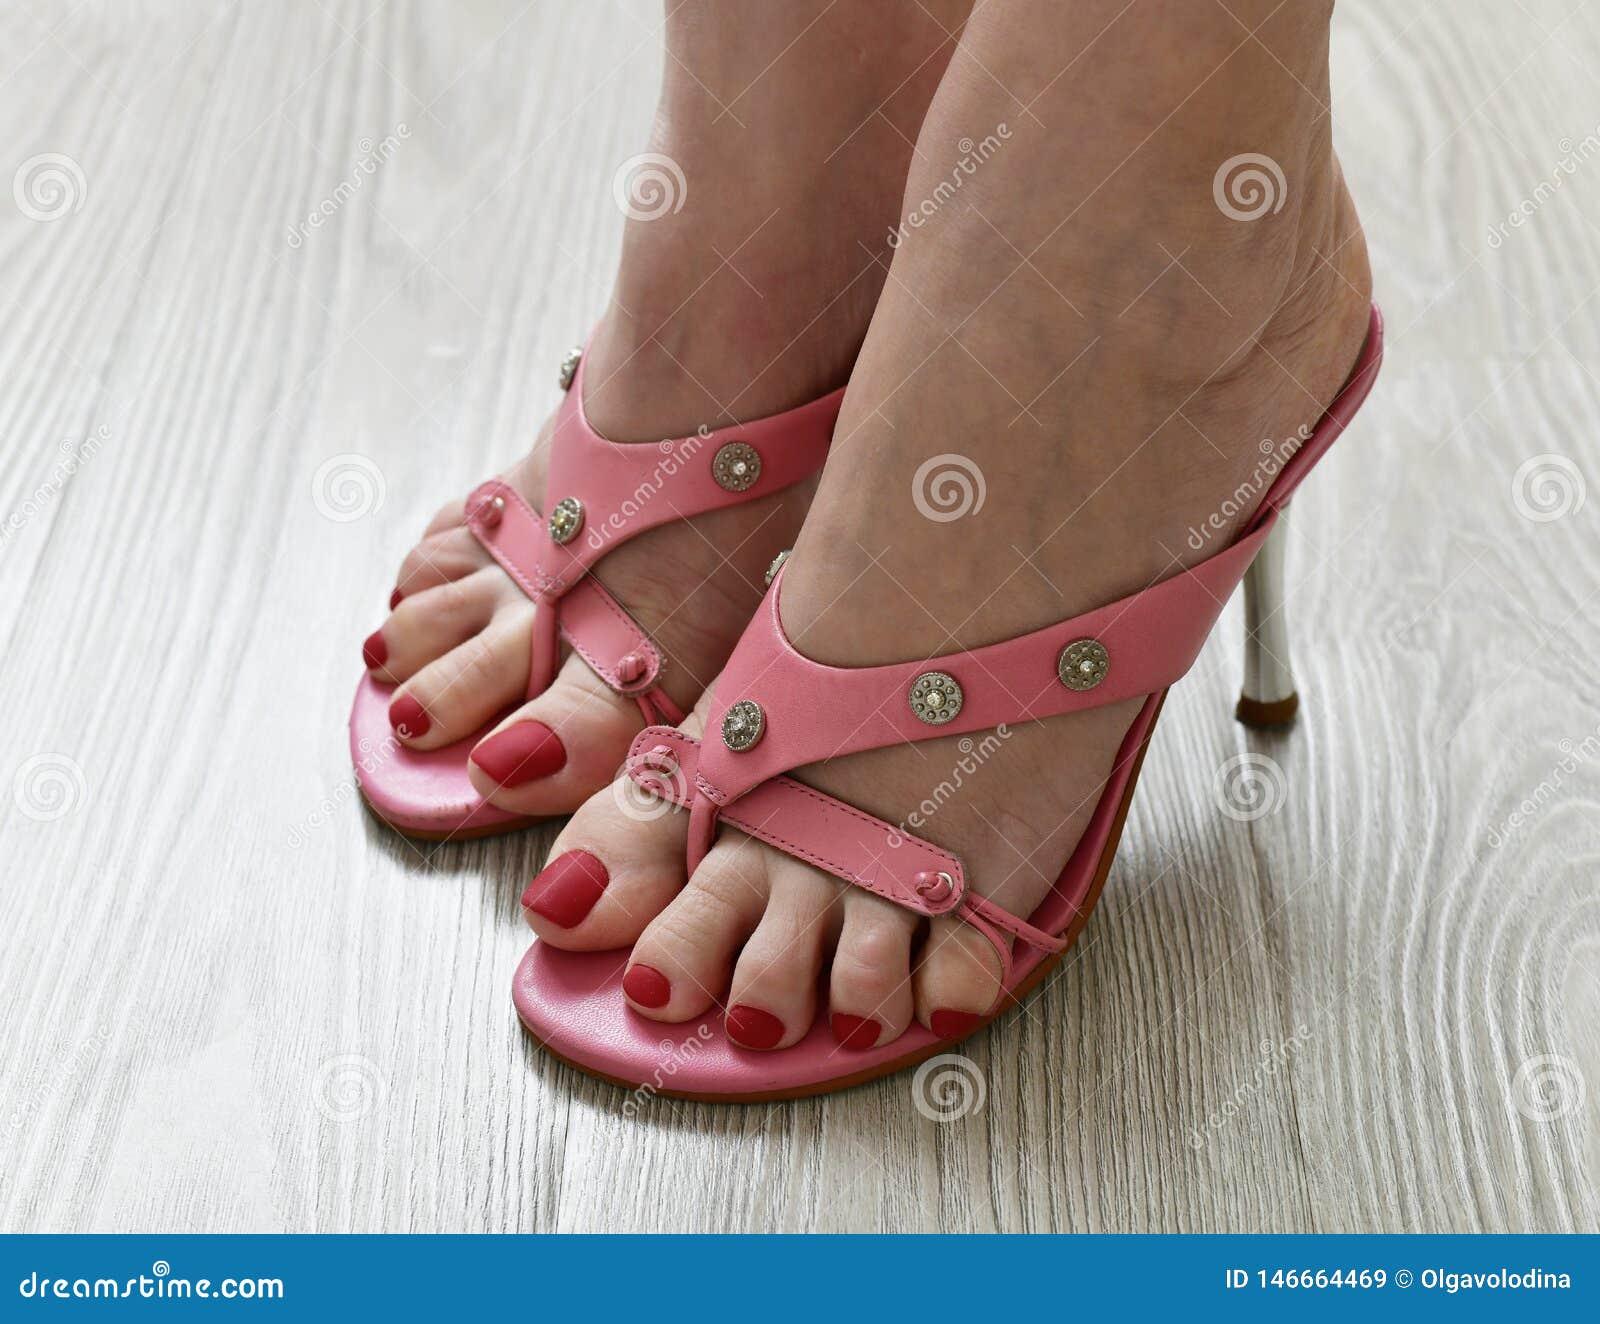 Πόδια γυναικών στα θερινά βαλμένα τακούνια ροζ σανδάλια